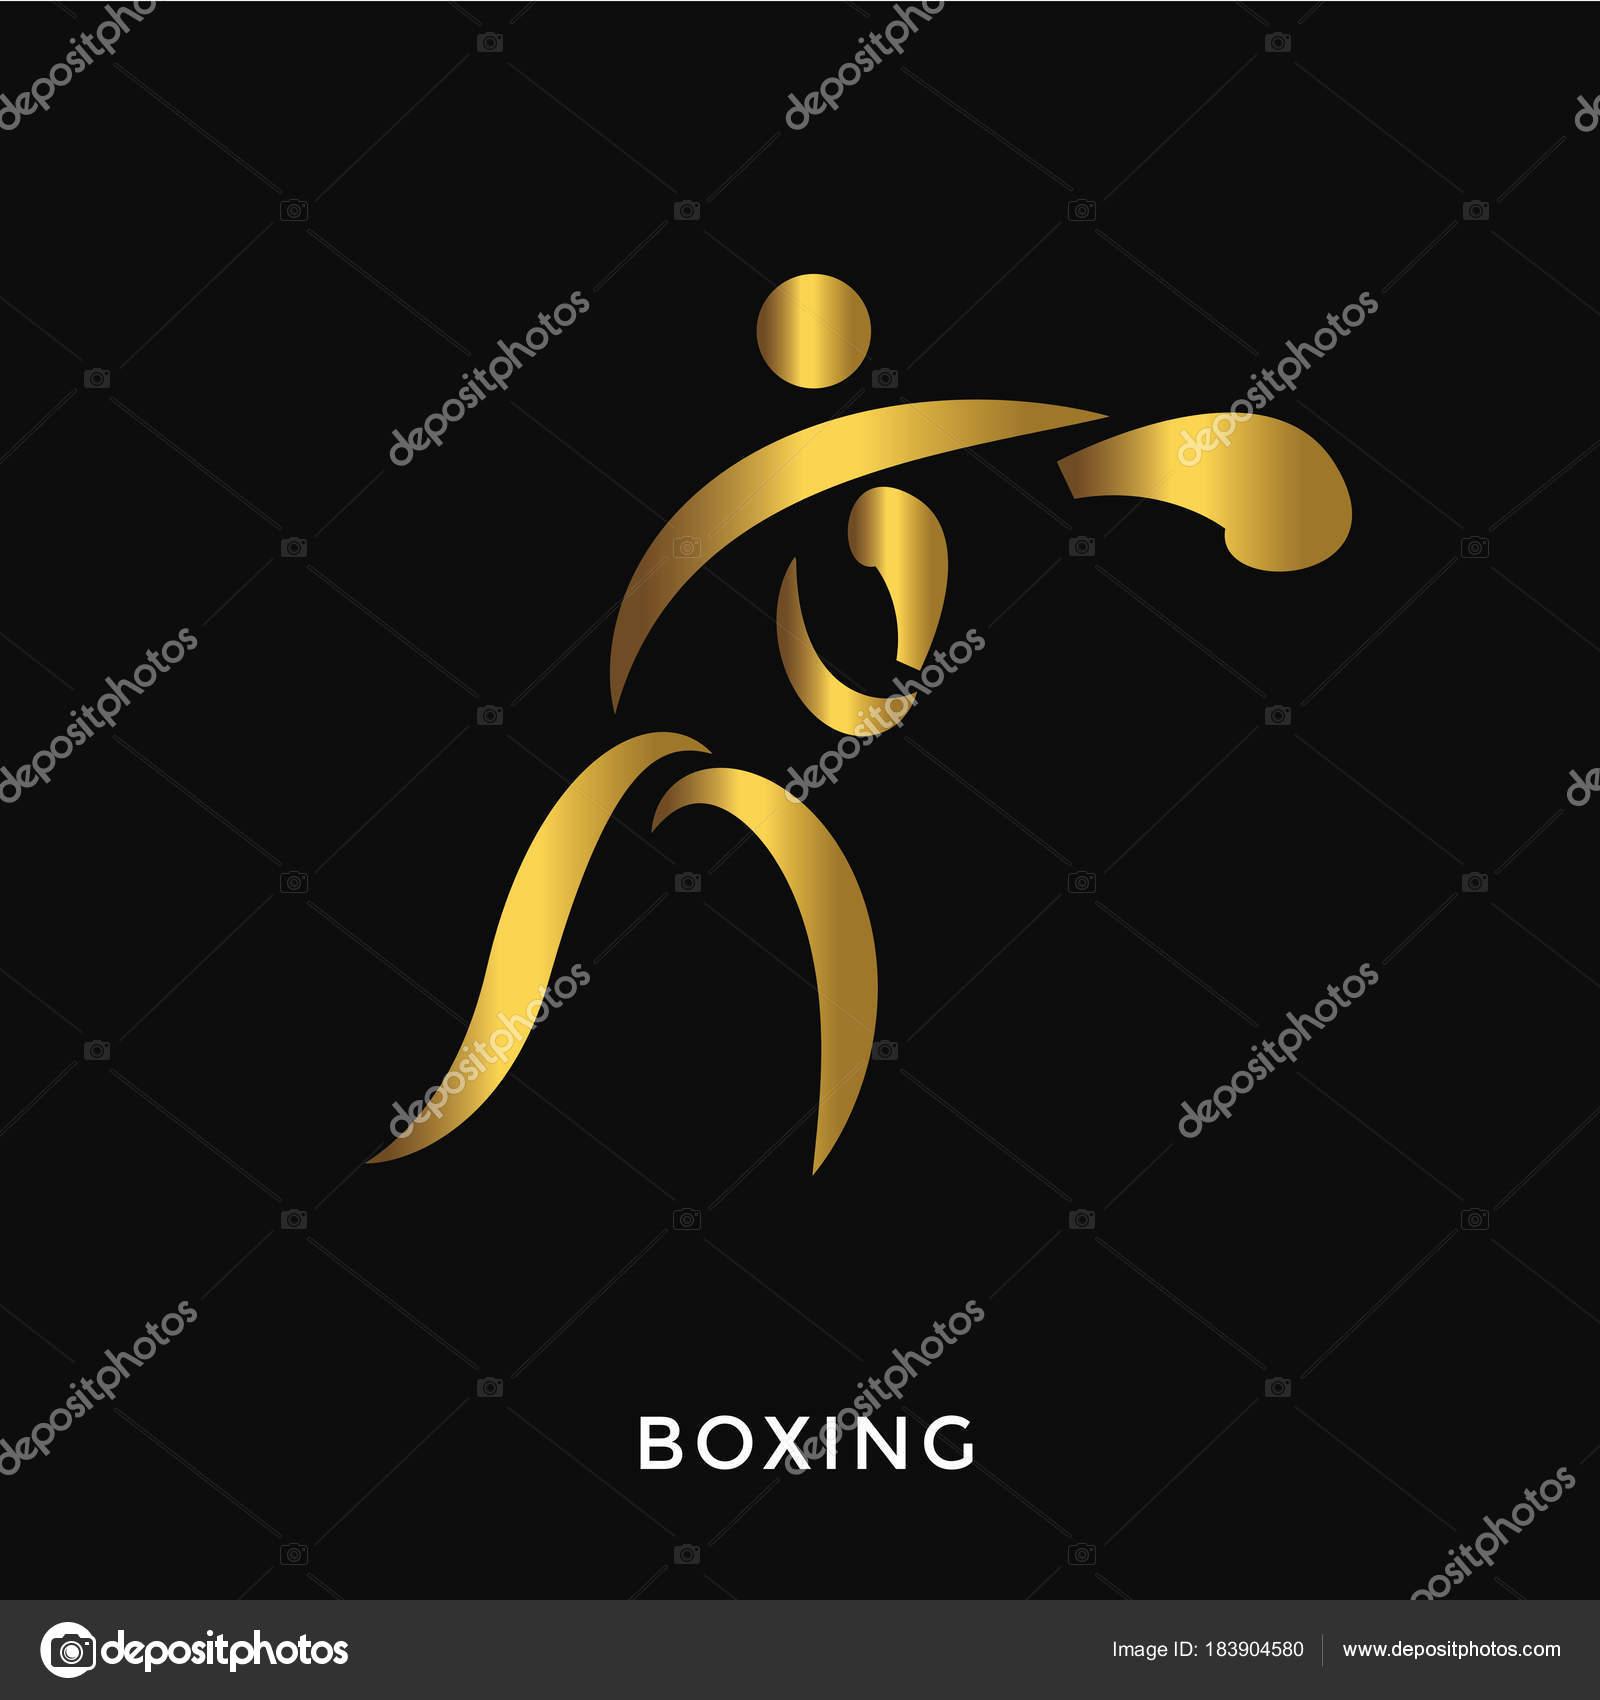 2347d66ad Verão Dourado Elegante Moderno Ostenta Logotipo Boxe — Vetores de Stock